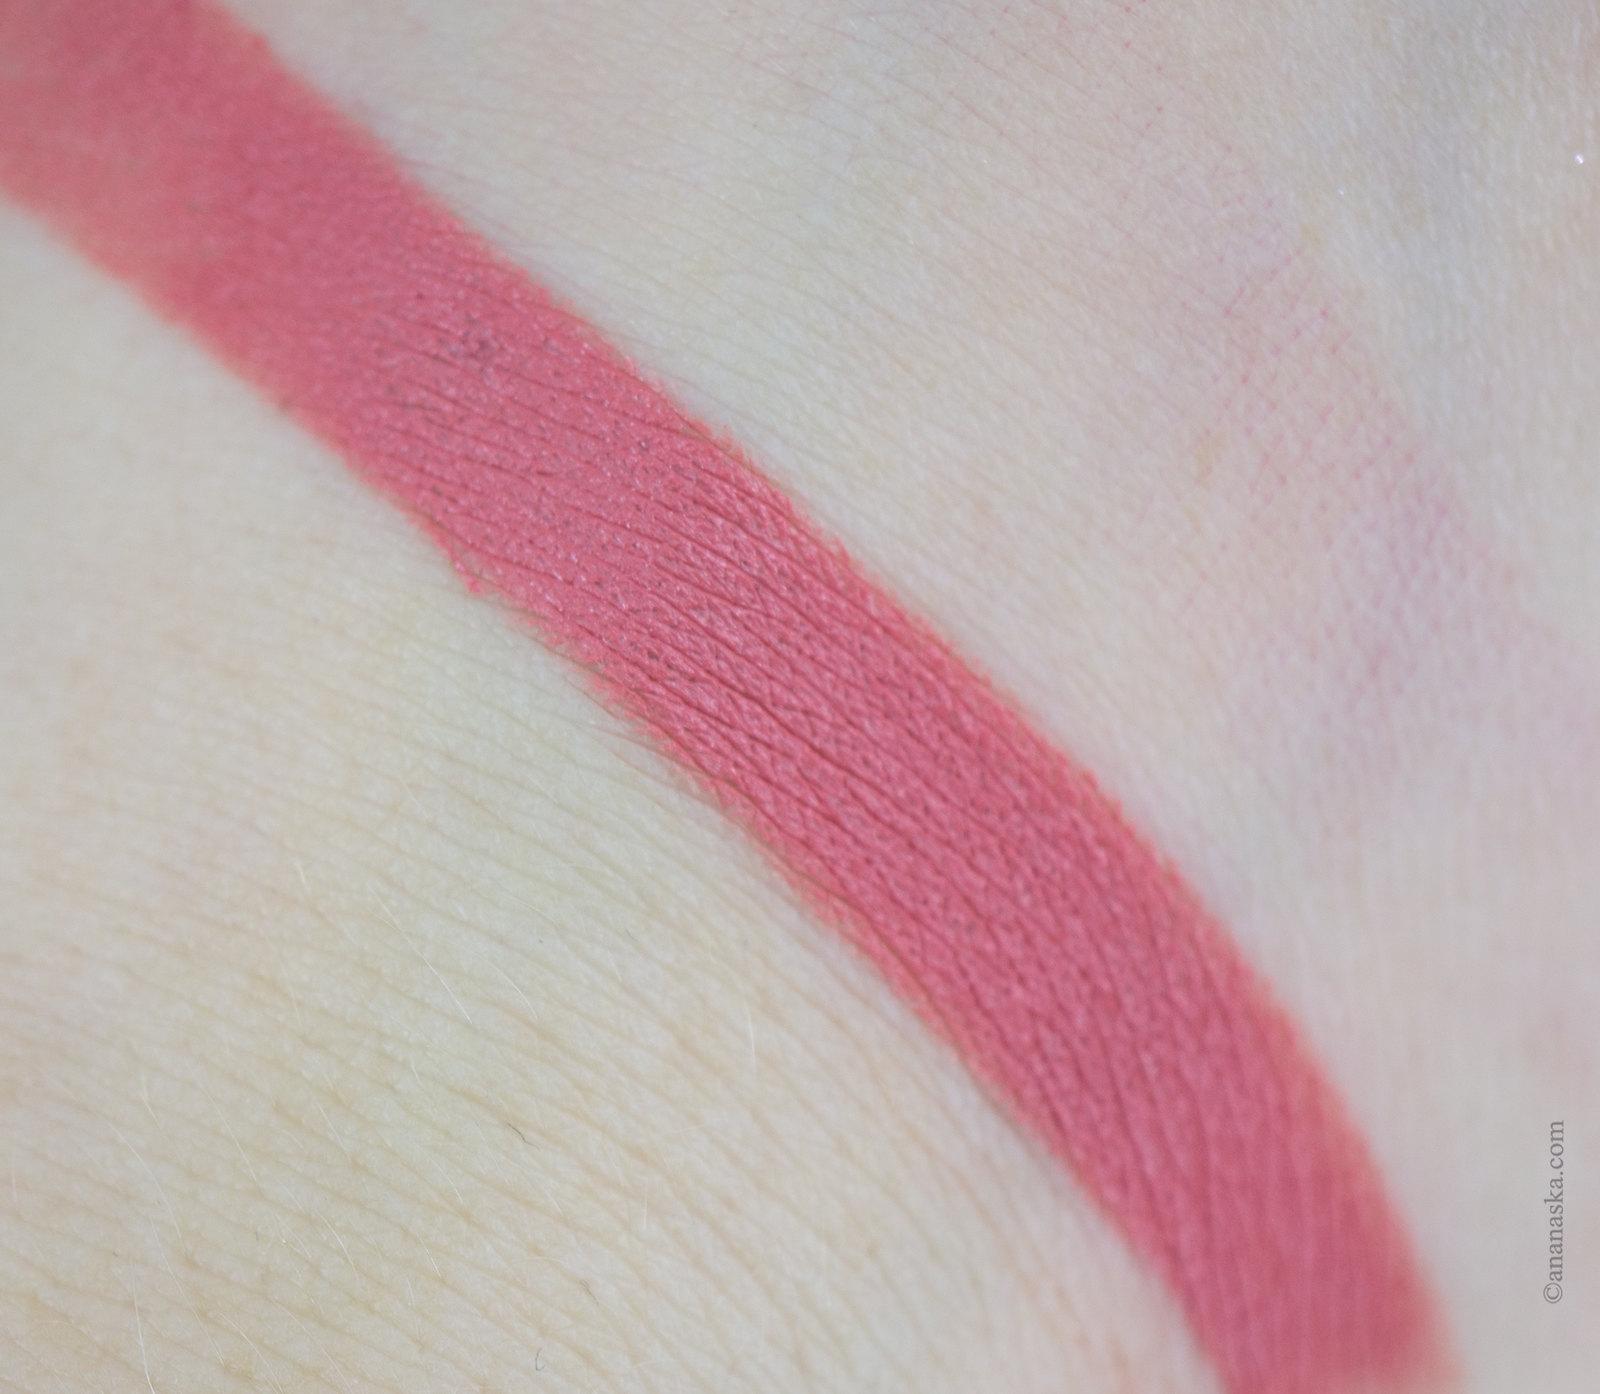 NoUBA Velvet Touch Lipstick #7